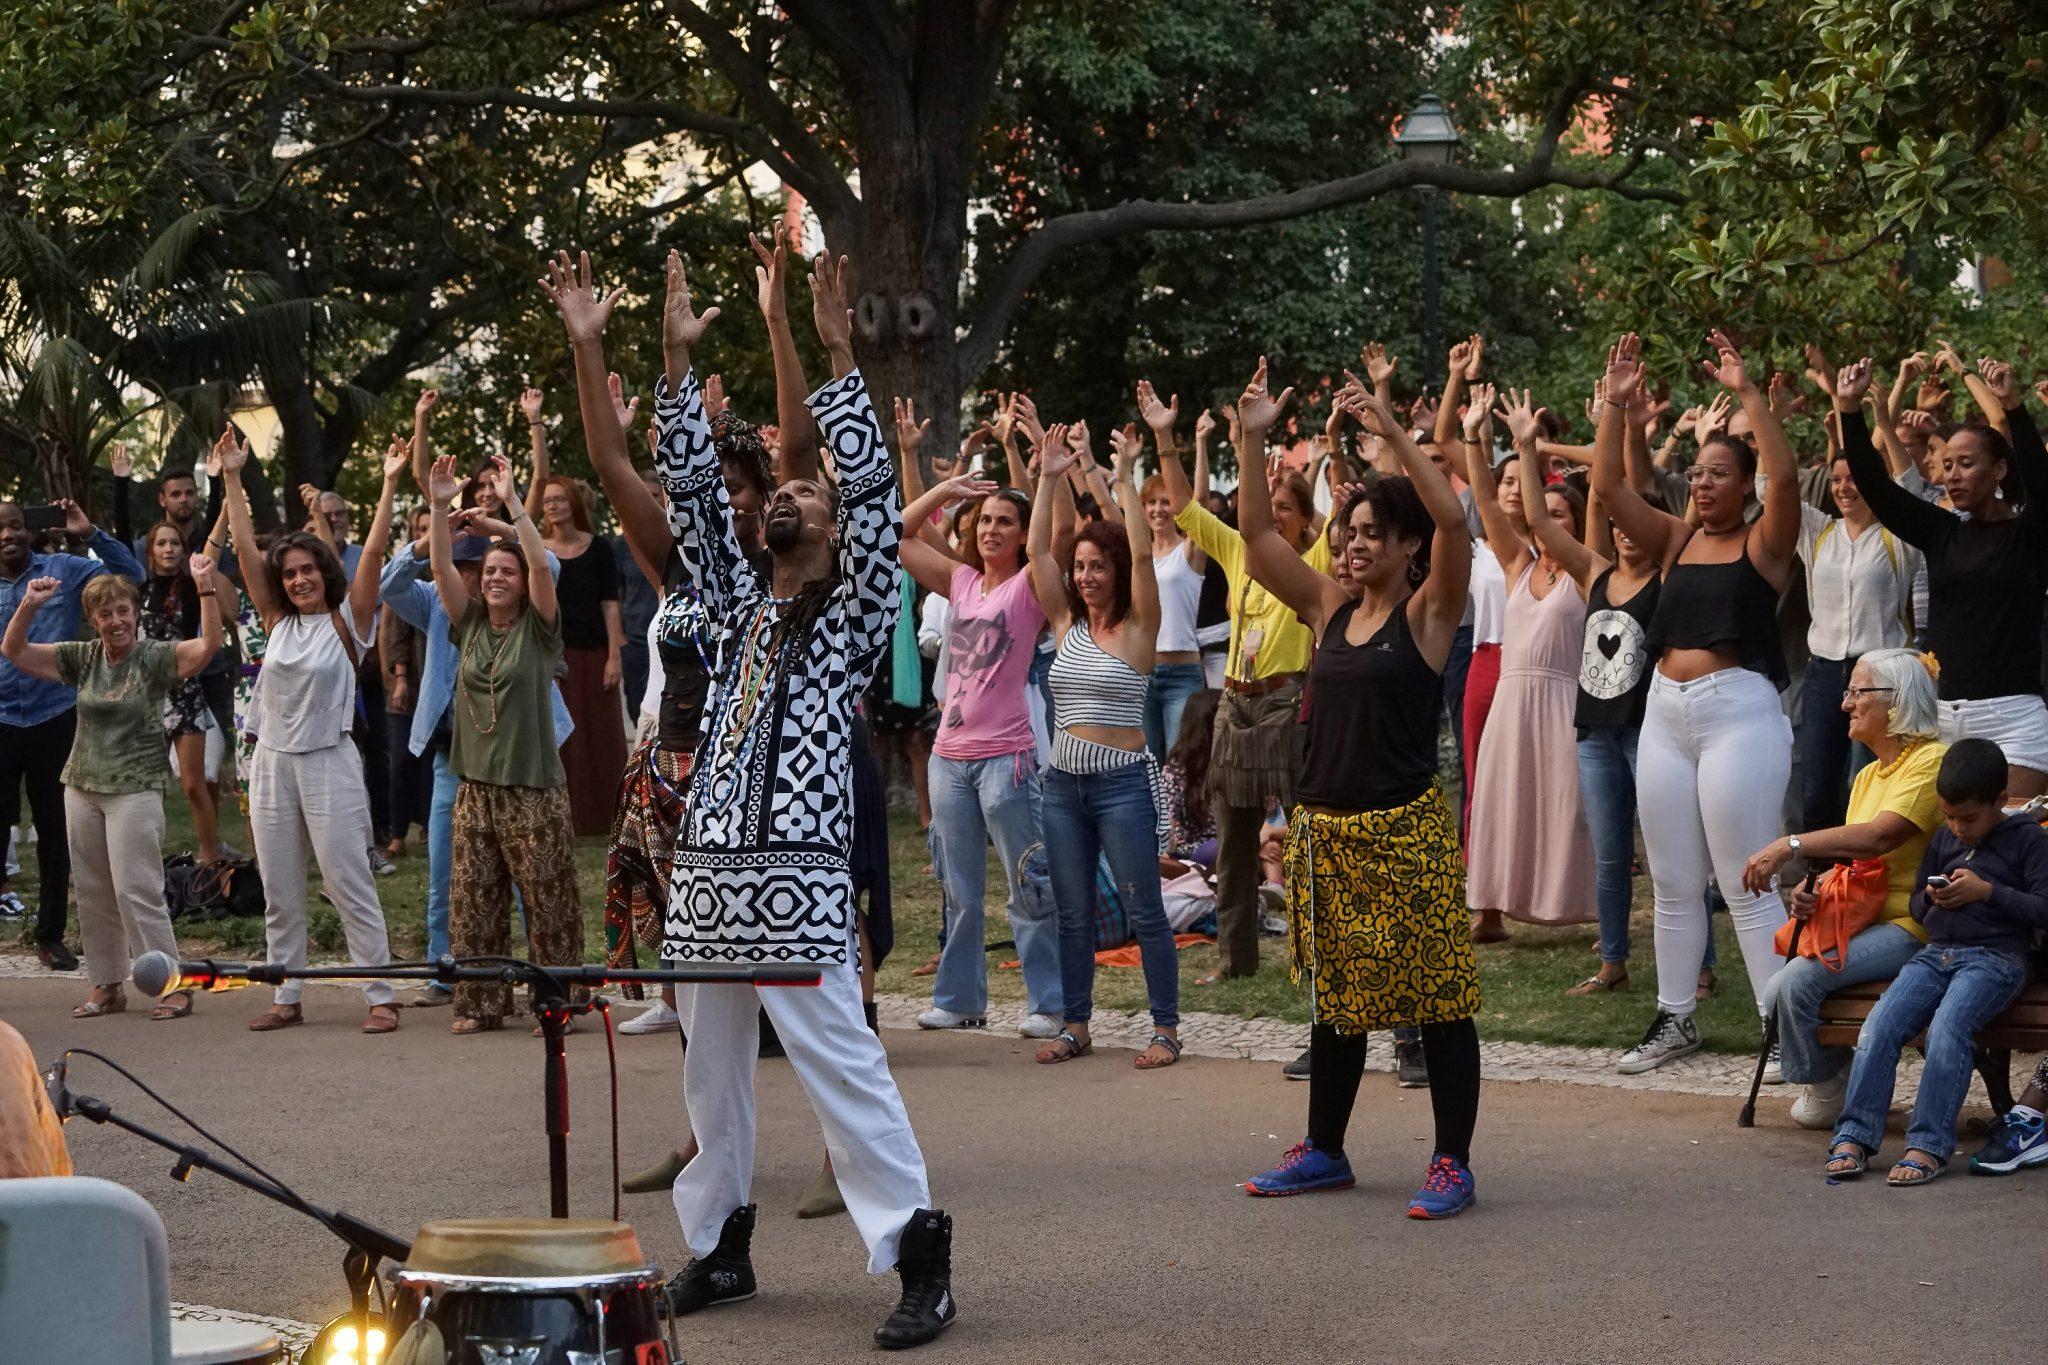 Aula de danças africanas numa zona verde, com várias pessoas de braços no ar e a sorrir